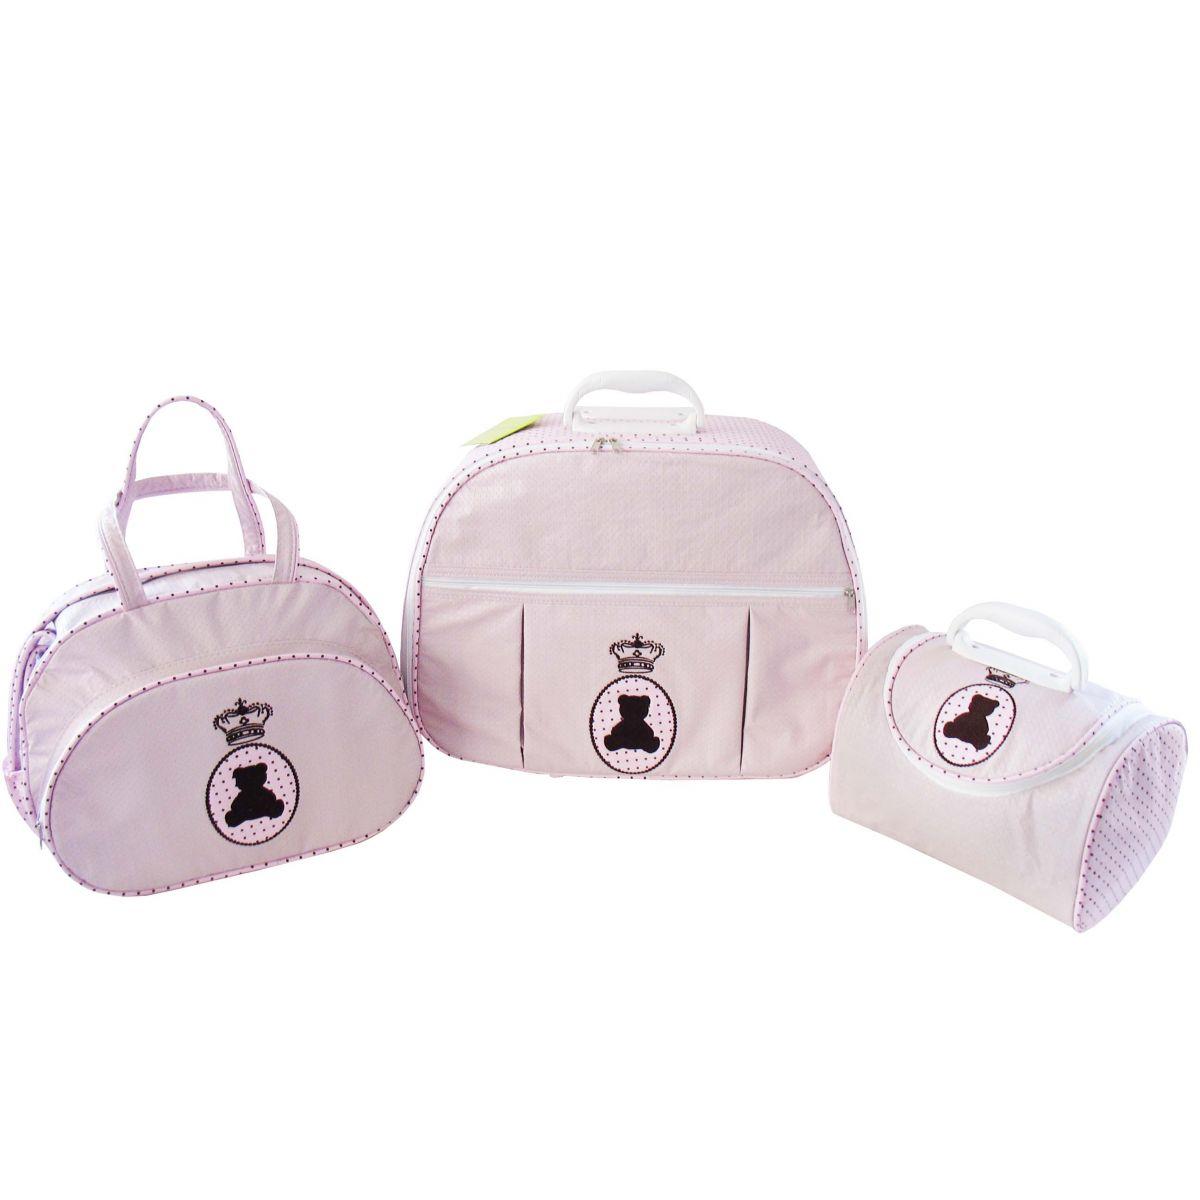 Kit de Bolsa Maternidade Ursa na Medalha Rosa com Poá  3 peças + Brinde